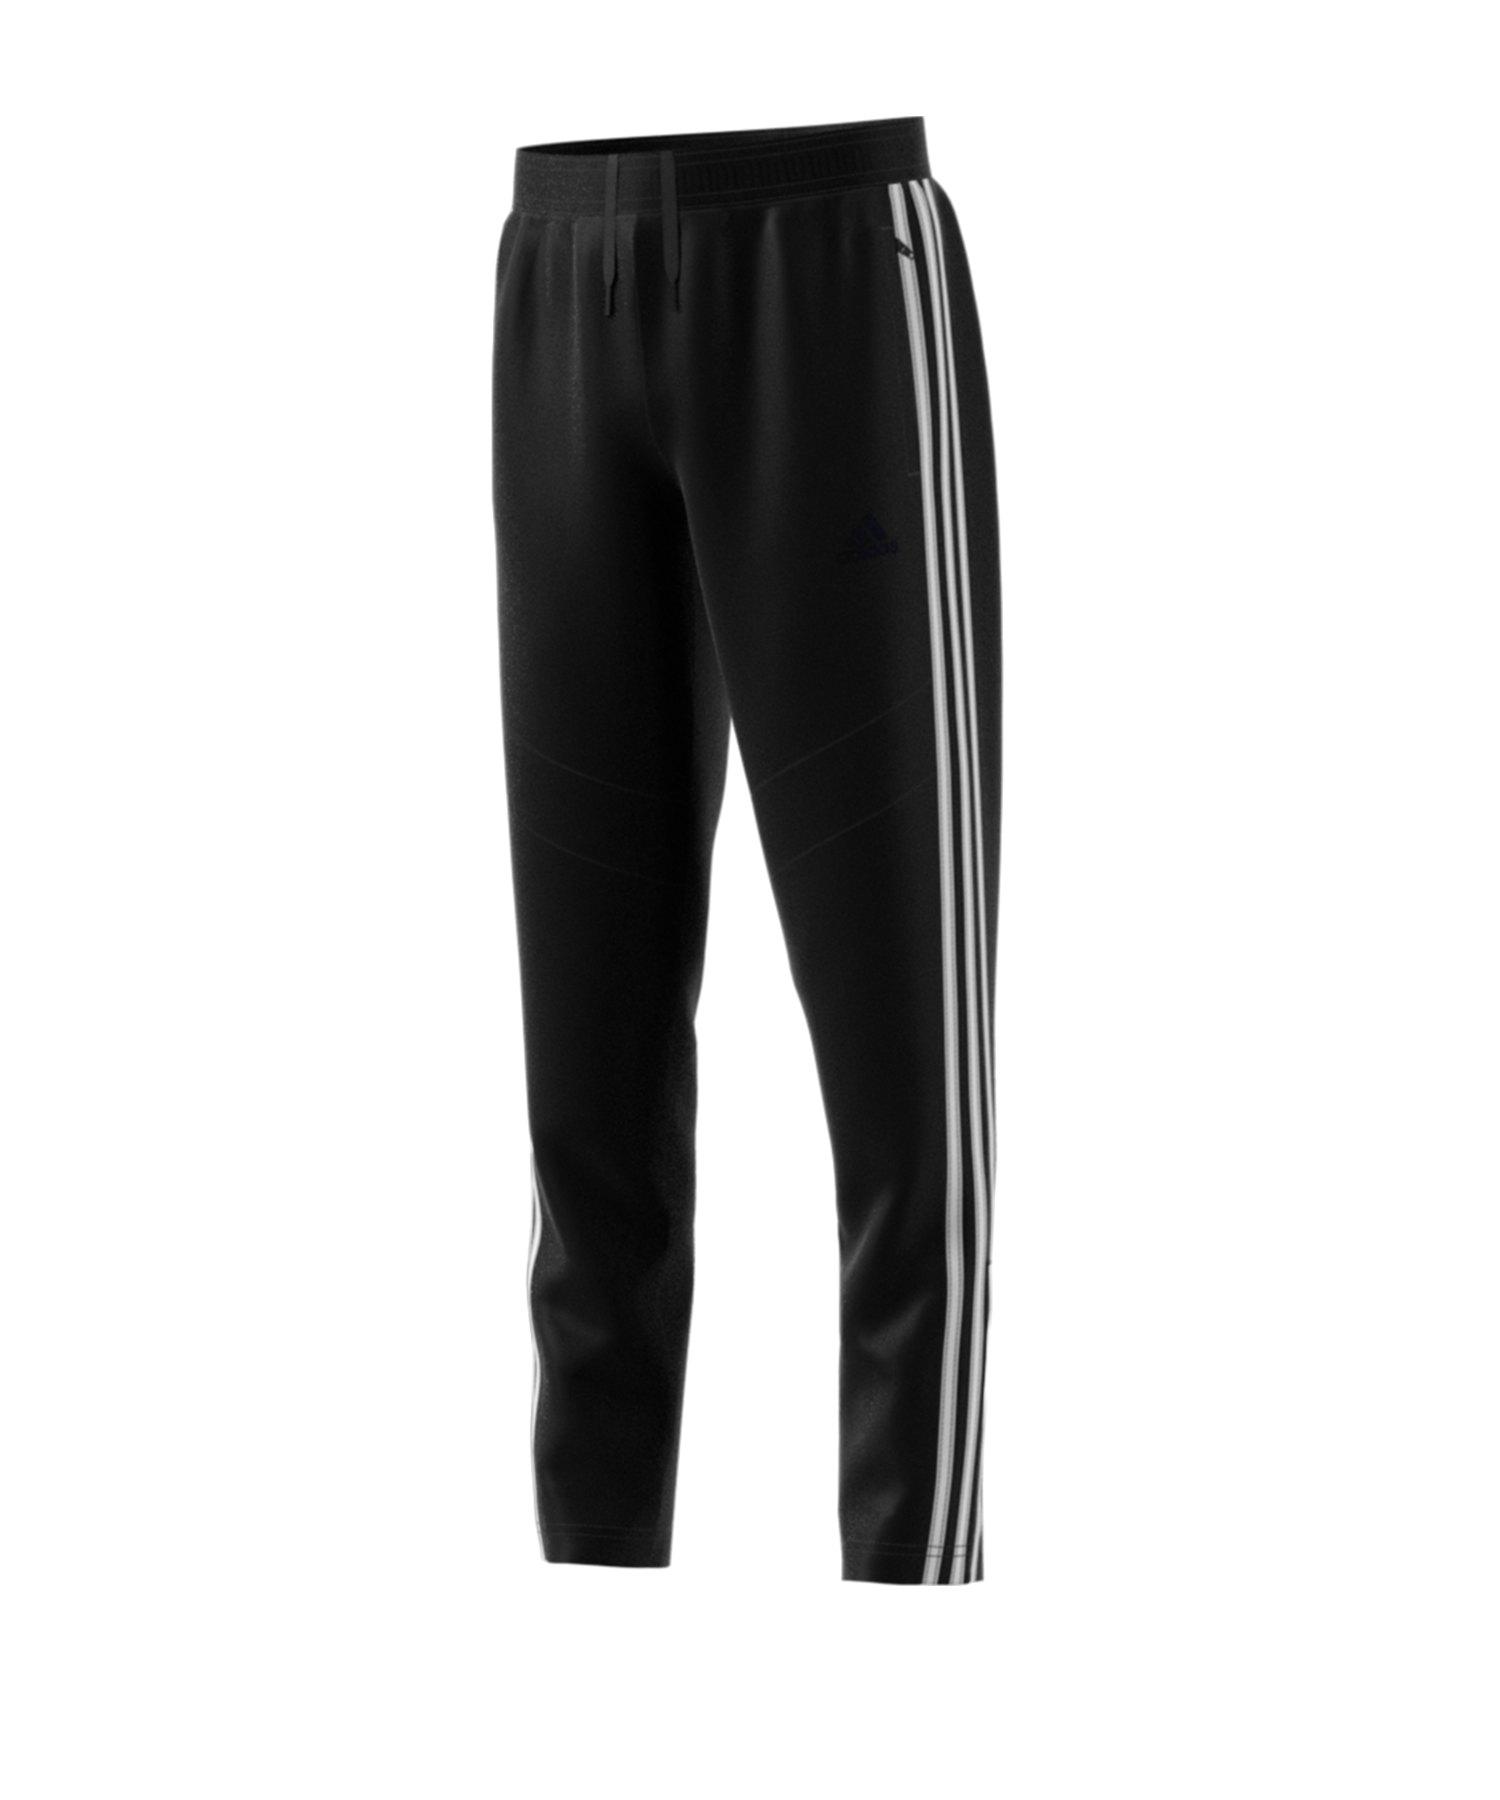 adidas Tiro 19 Jogginghose FT lang Kids Schwarz - schwarz